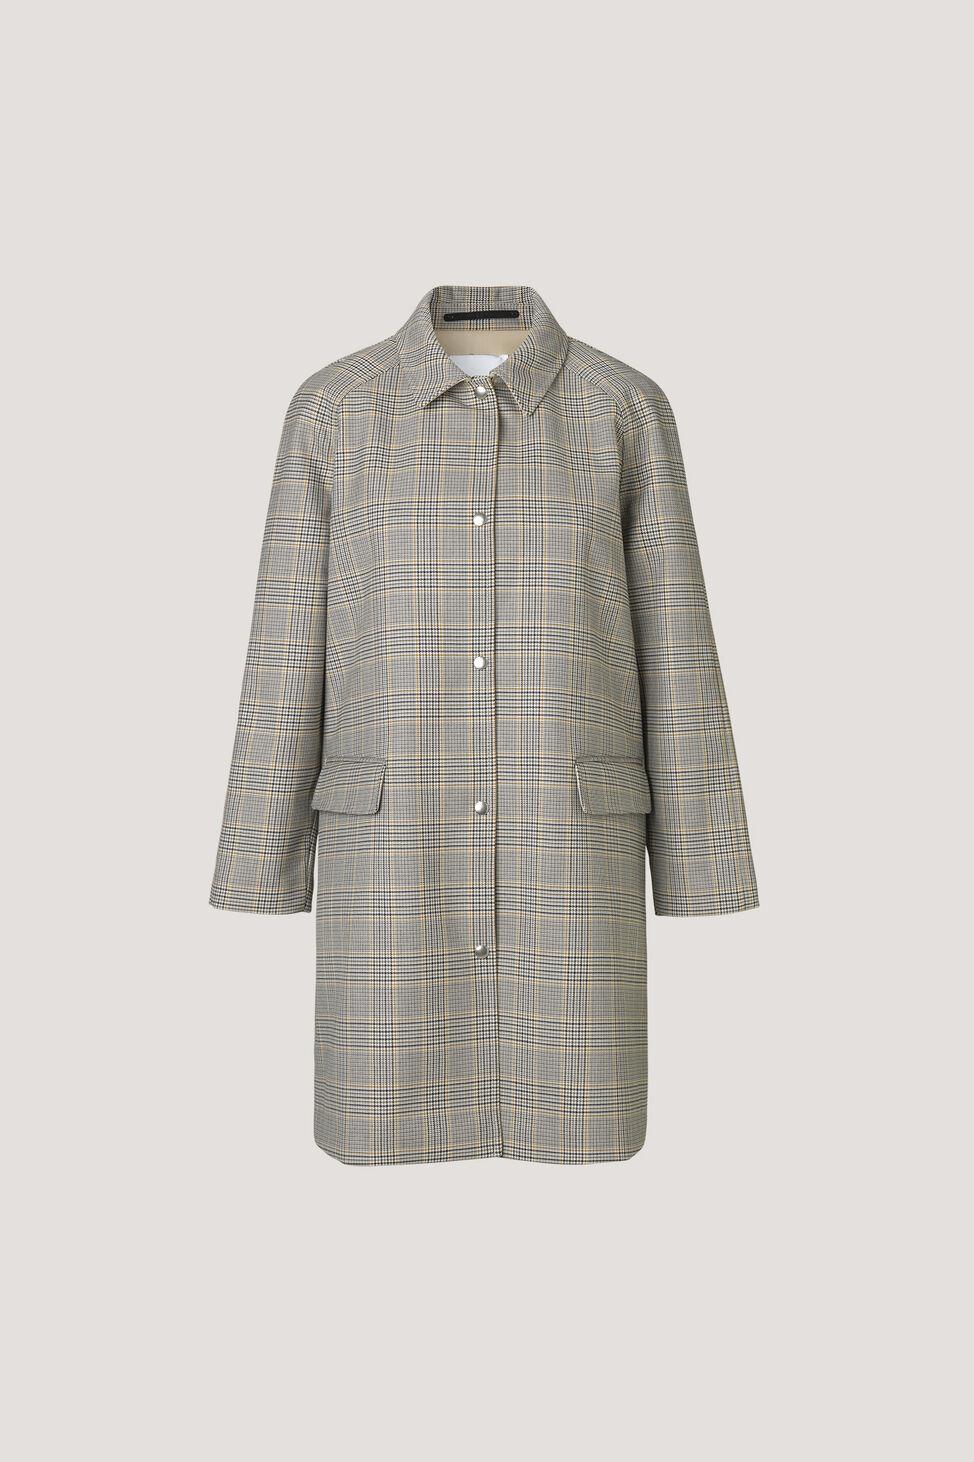 Rio jacket 10154